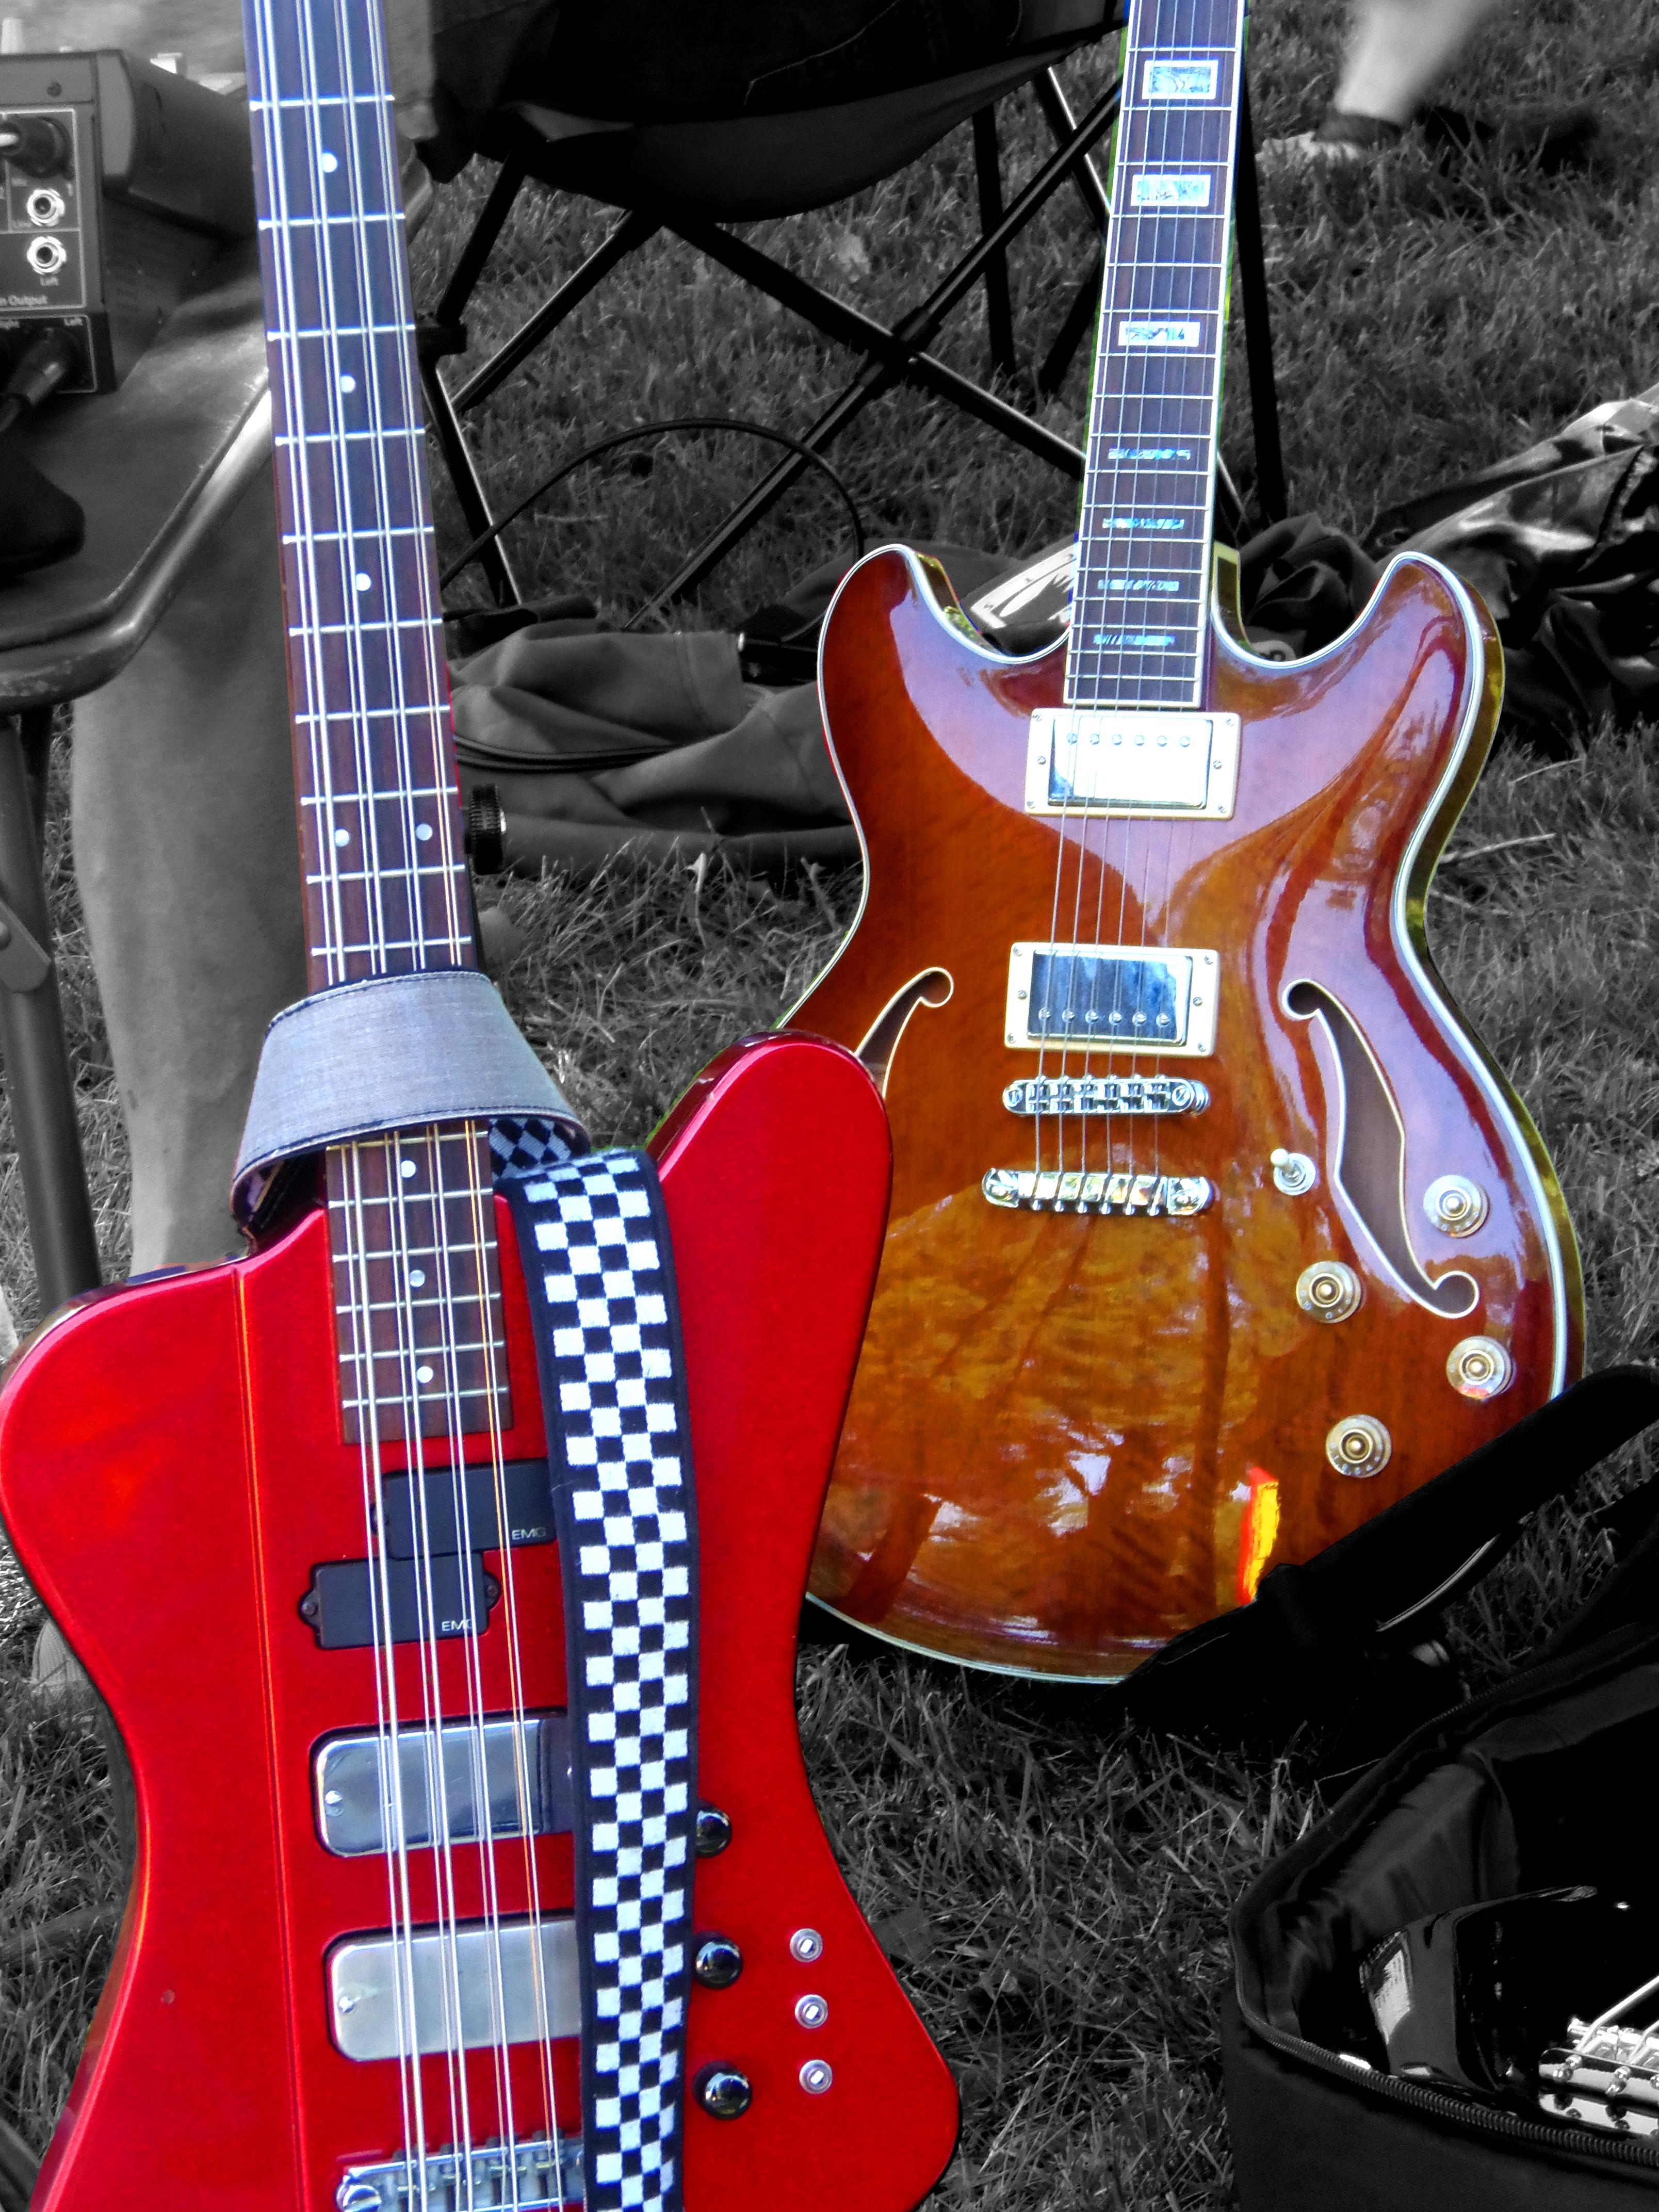 File:Hamer Thunderbird 8 string bass & Semi acoustic guitar.jpg